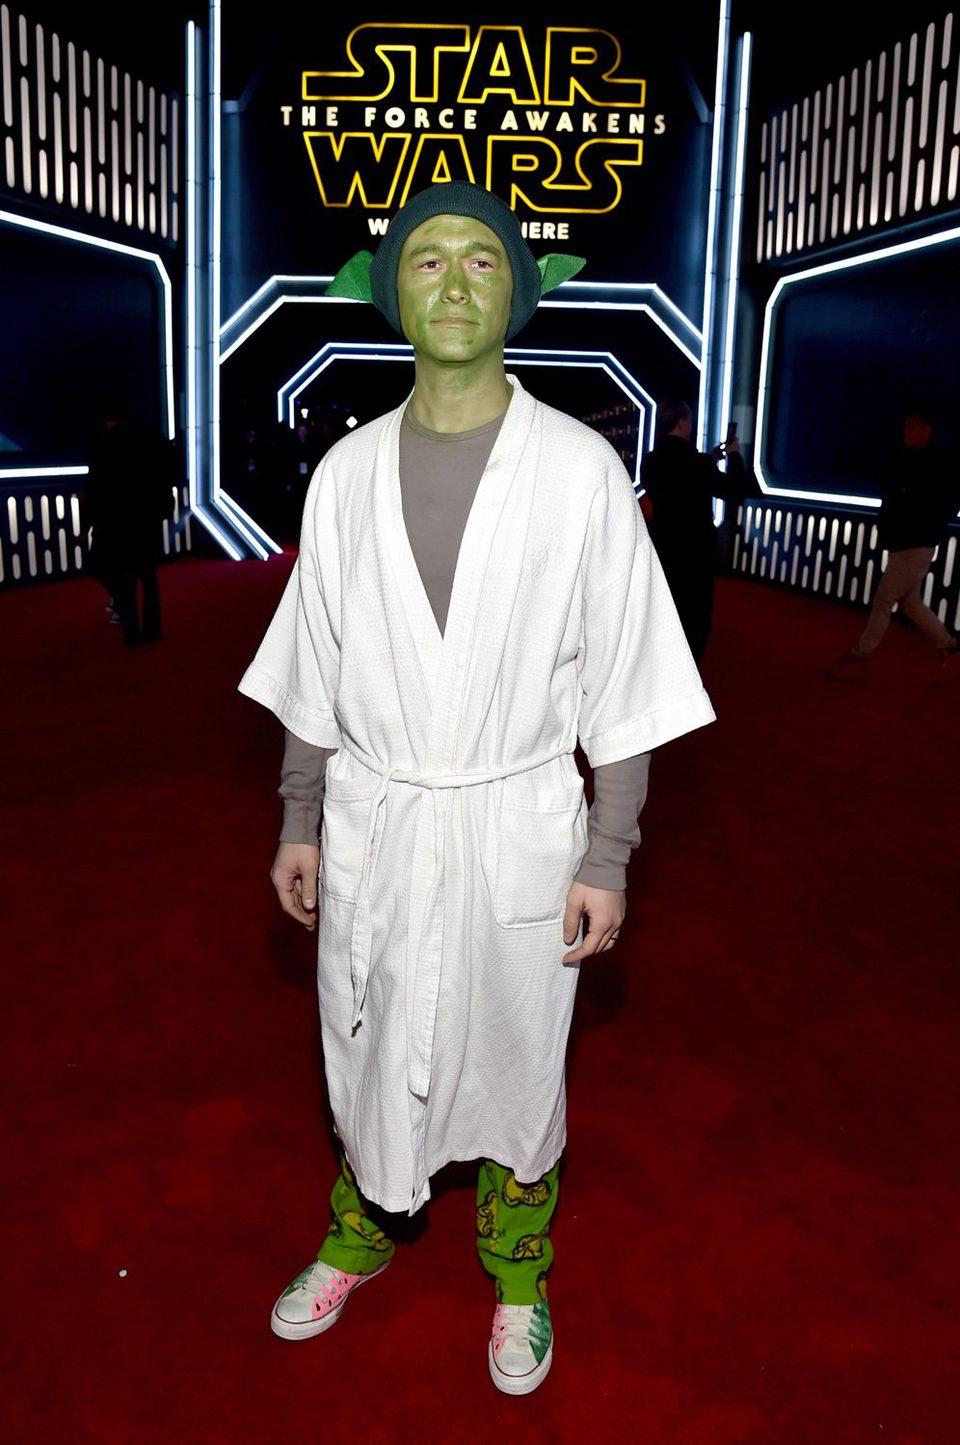 Joseph Gordon-Levitt in the 'Star Wars: The Force Awakens' World Premiere